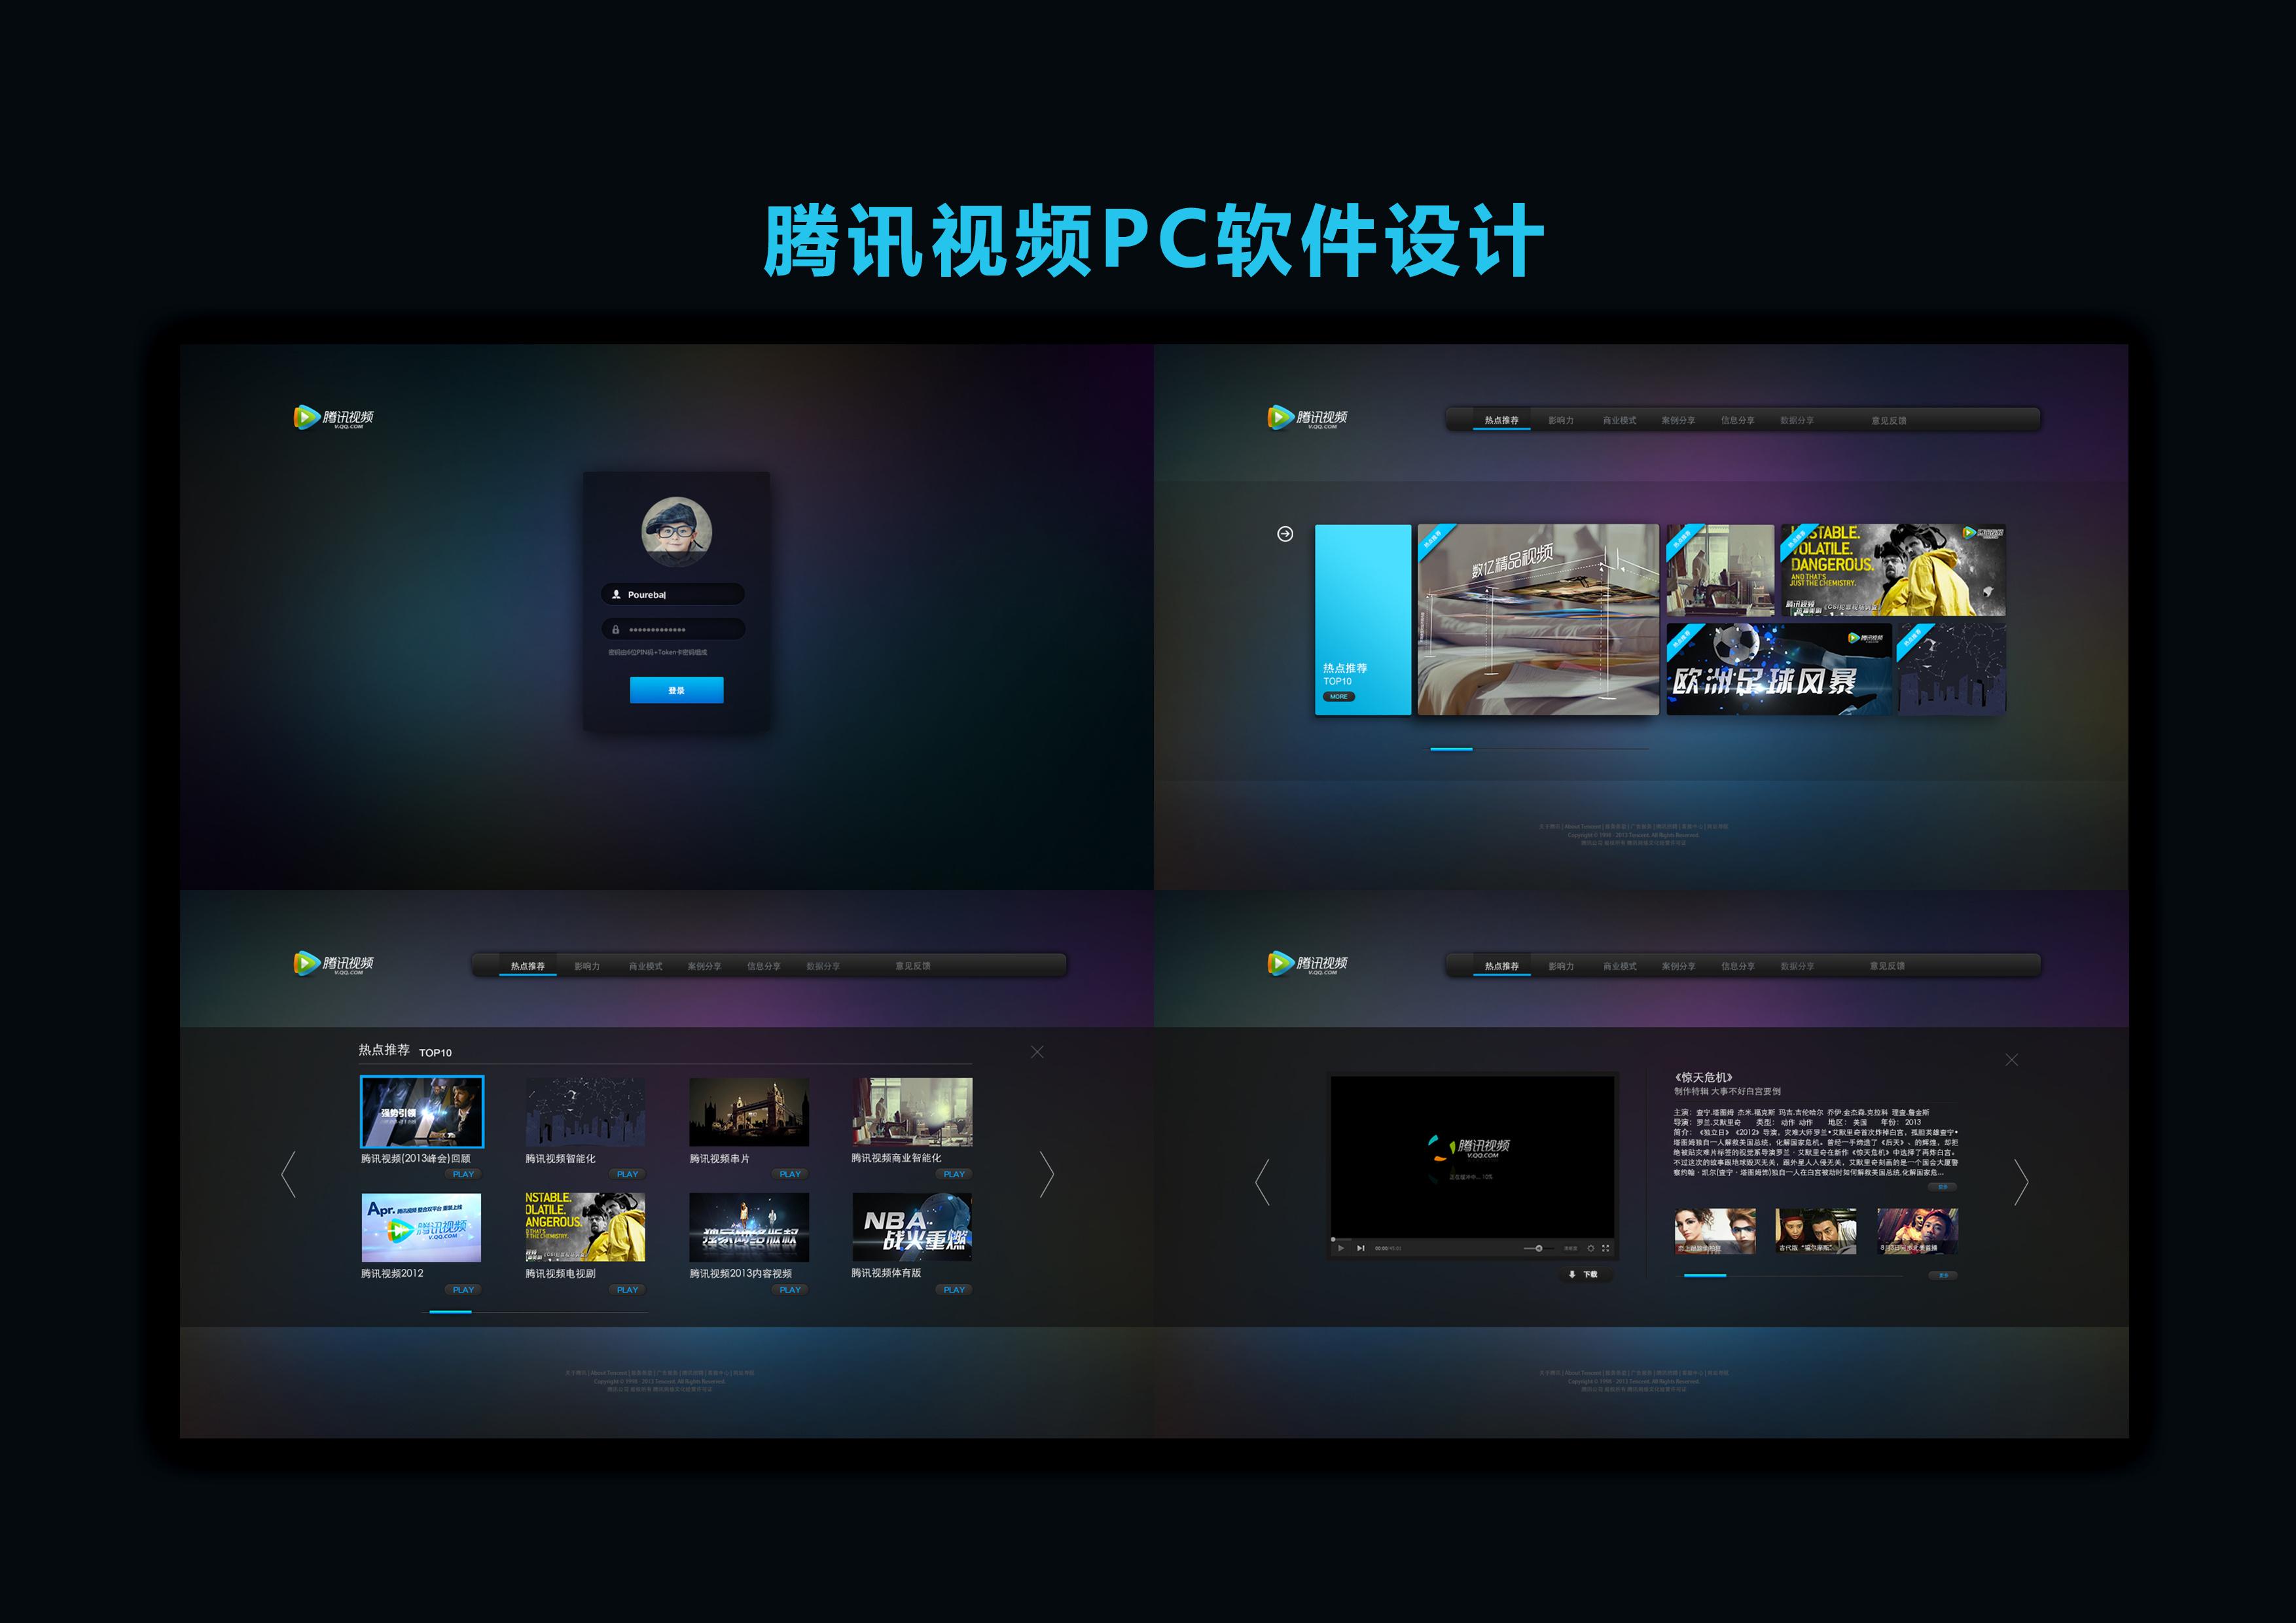 腾讯qq视频_腾讯qq视频购买_qq播客和腾讯视频